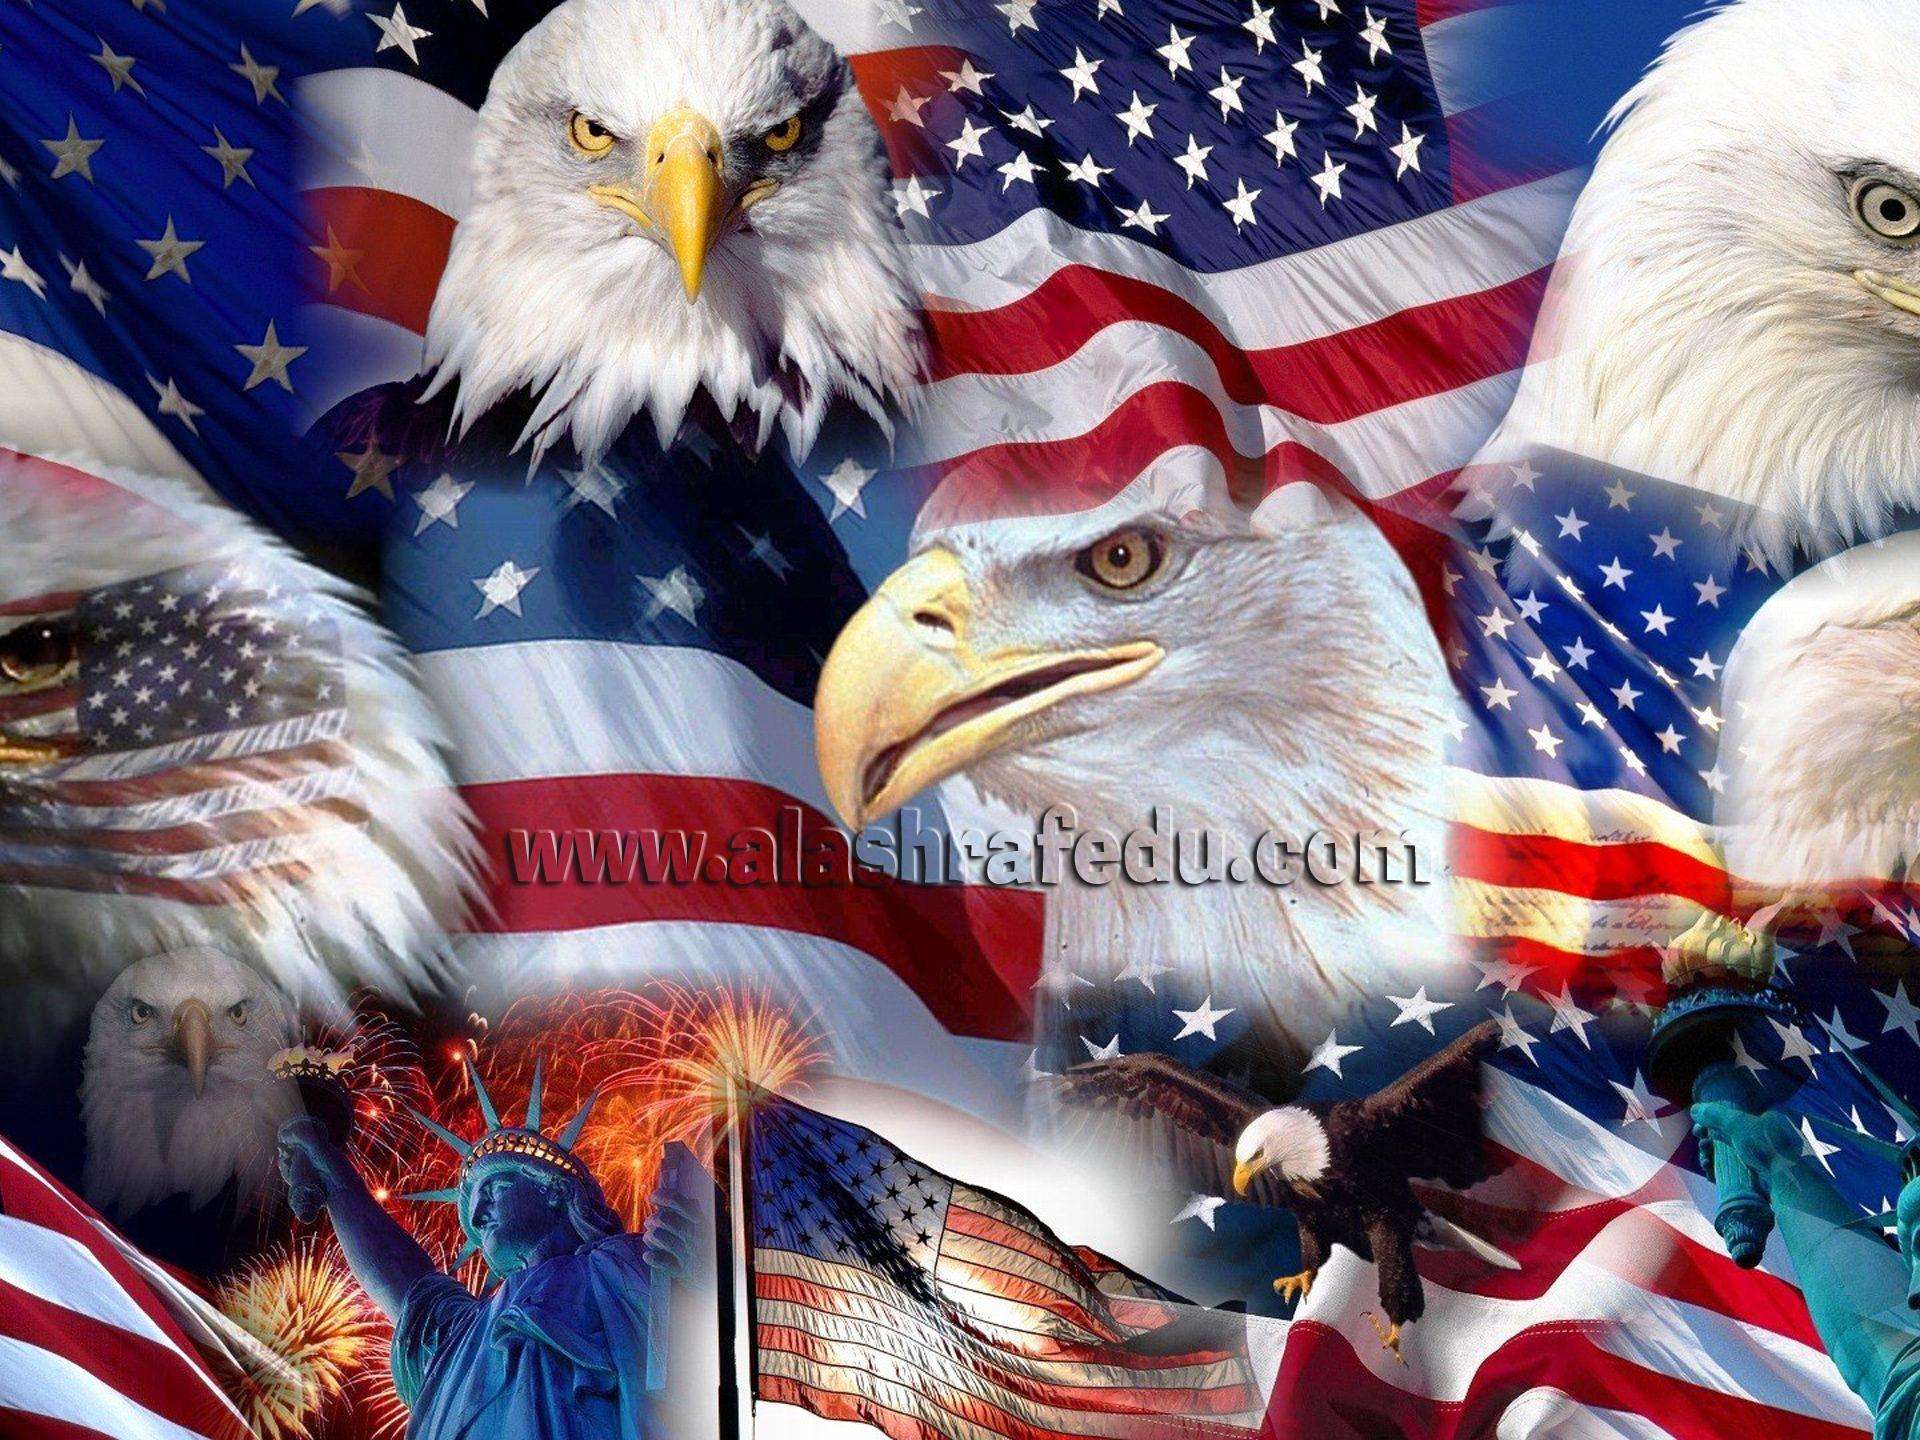 الرموز الأمريكية العلم تمثال الحرية النسور الأصلع www.alashrafedu.com1